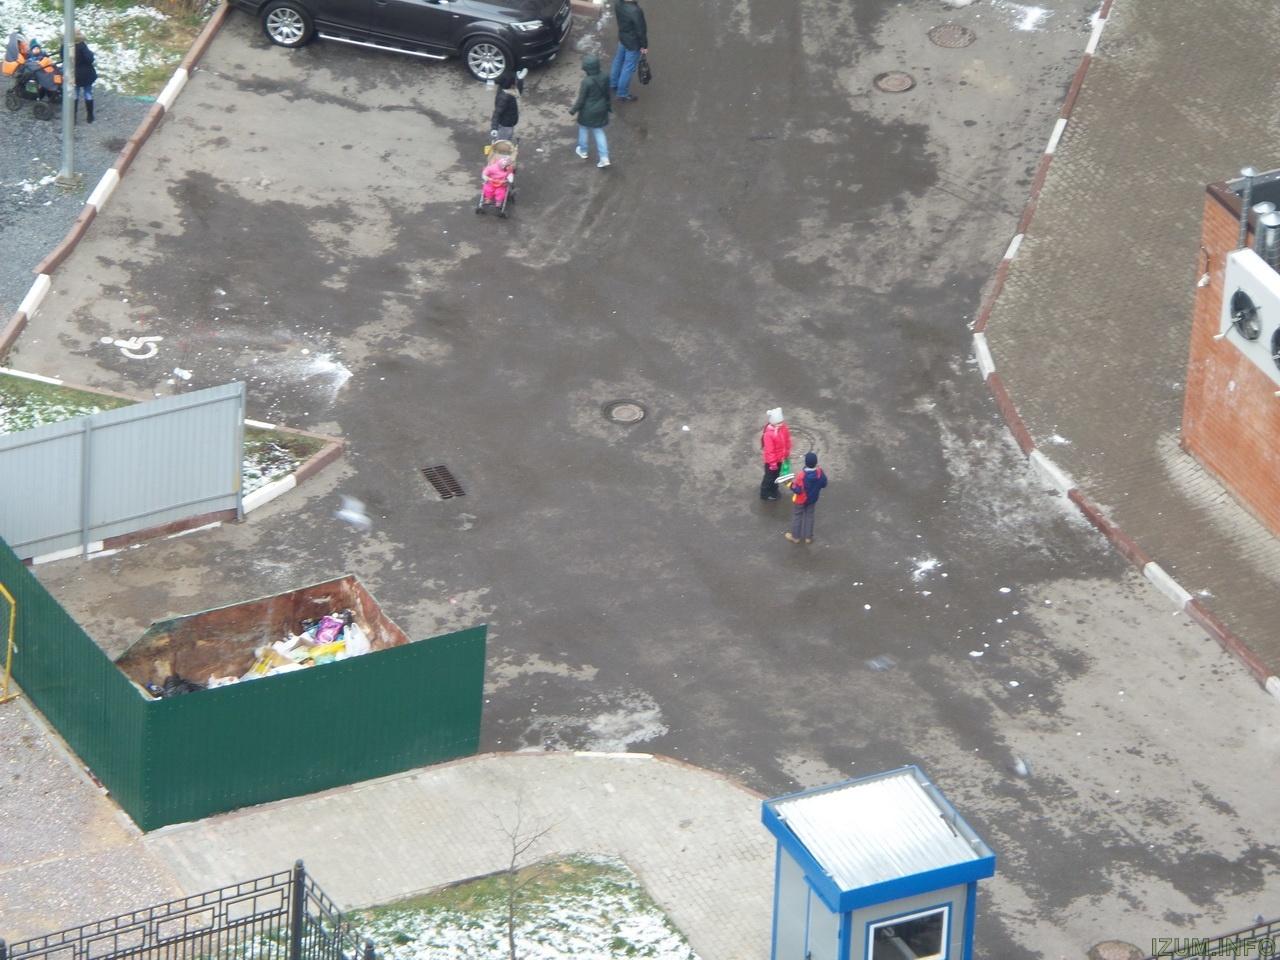 Изумрудные холмы лёд падает с крыш на тротуары (8)_новый размер.jpg